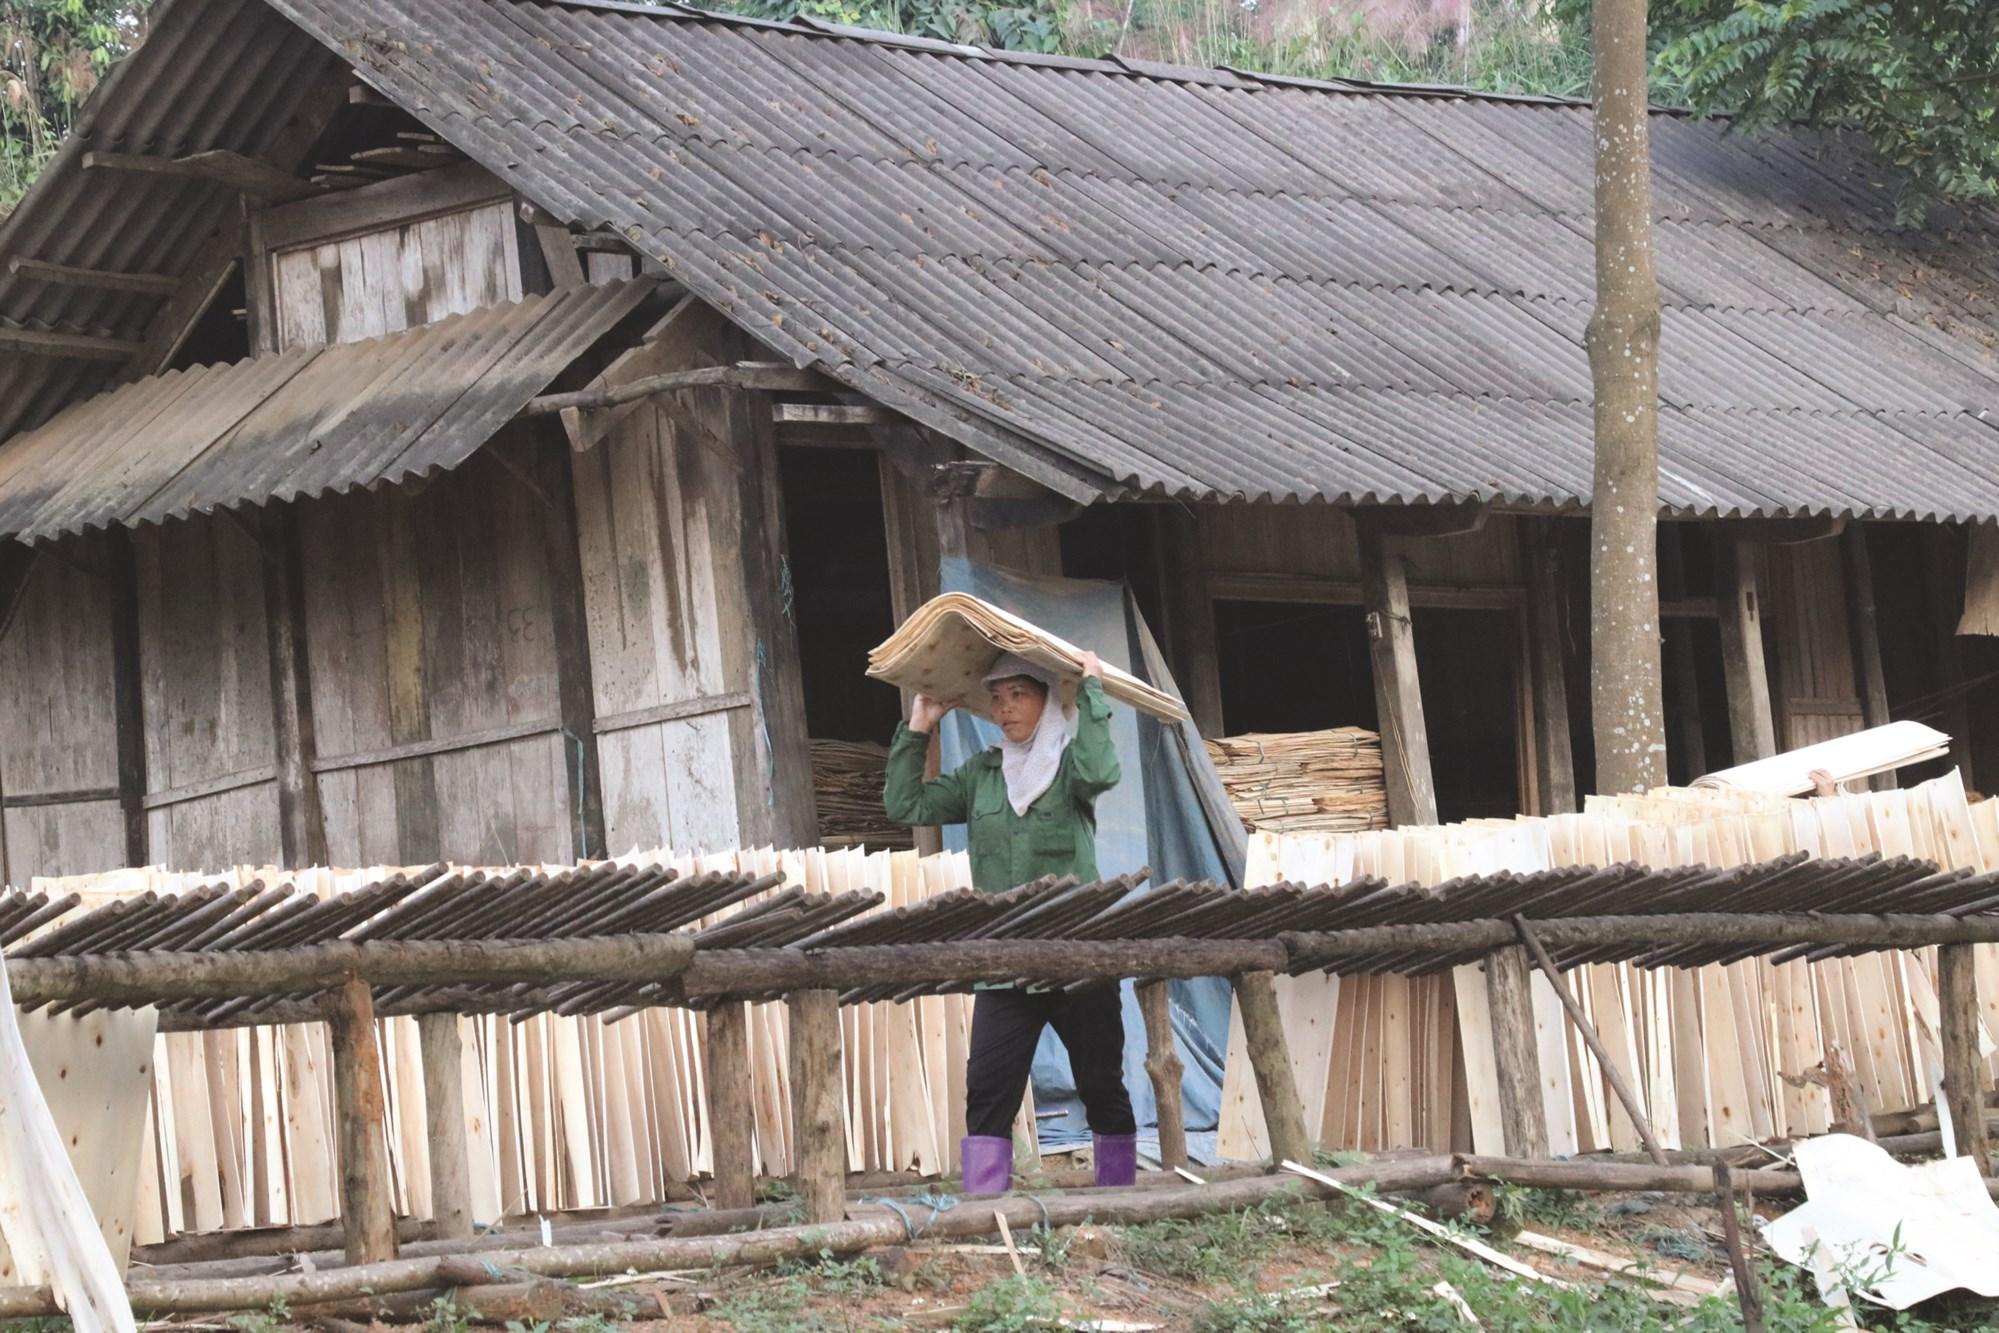 Ở Yên Bái, nhiều lao động chuyển sang sản xuất gỗ ép chuyên nghiệp cho thu nhập khá.